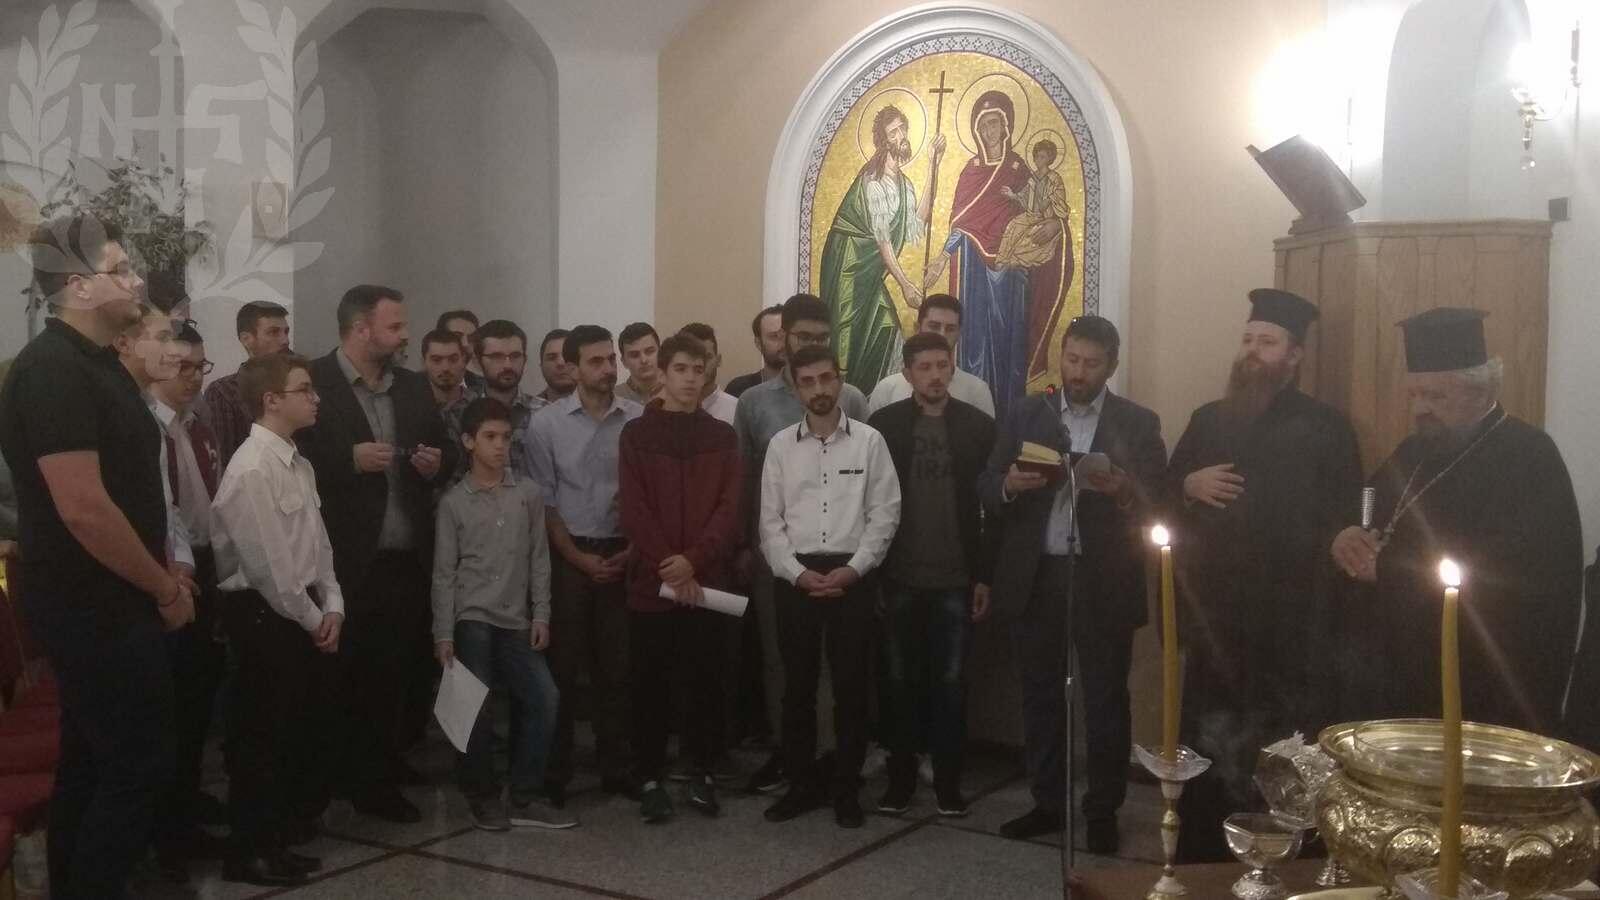 Μητροπολίτης Βαρνάβας Αγιασμός στη Σχολή Βυζαντινής Μουσικής 2019